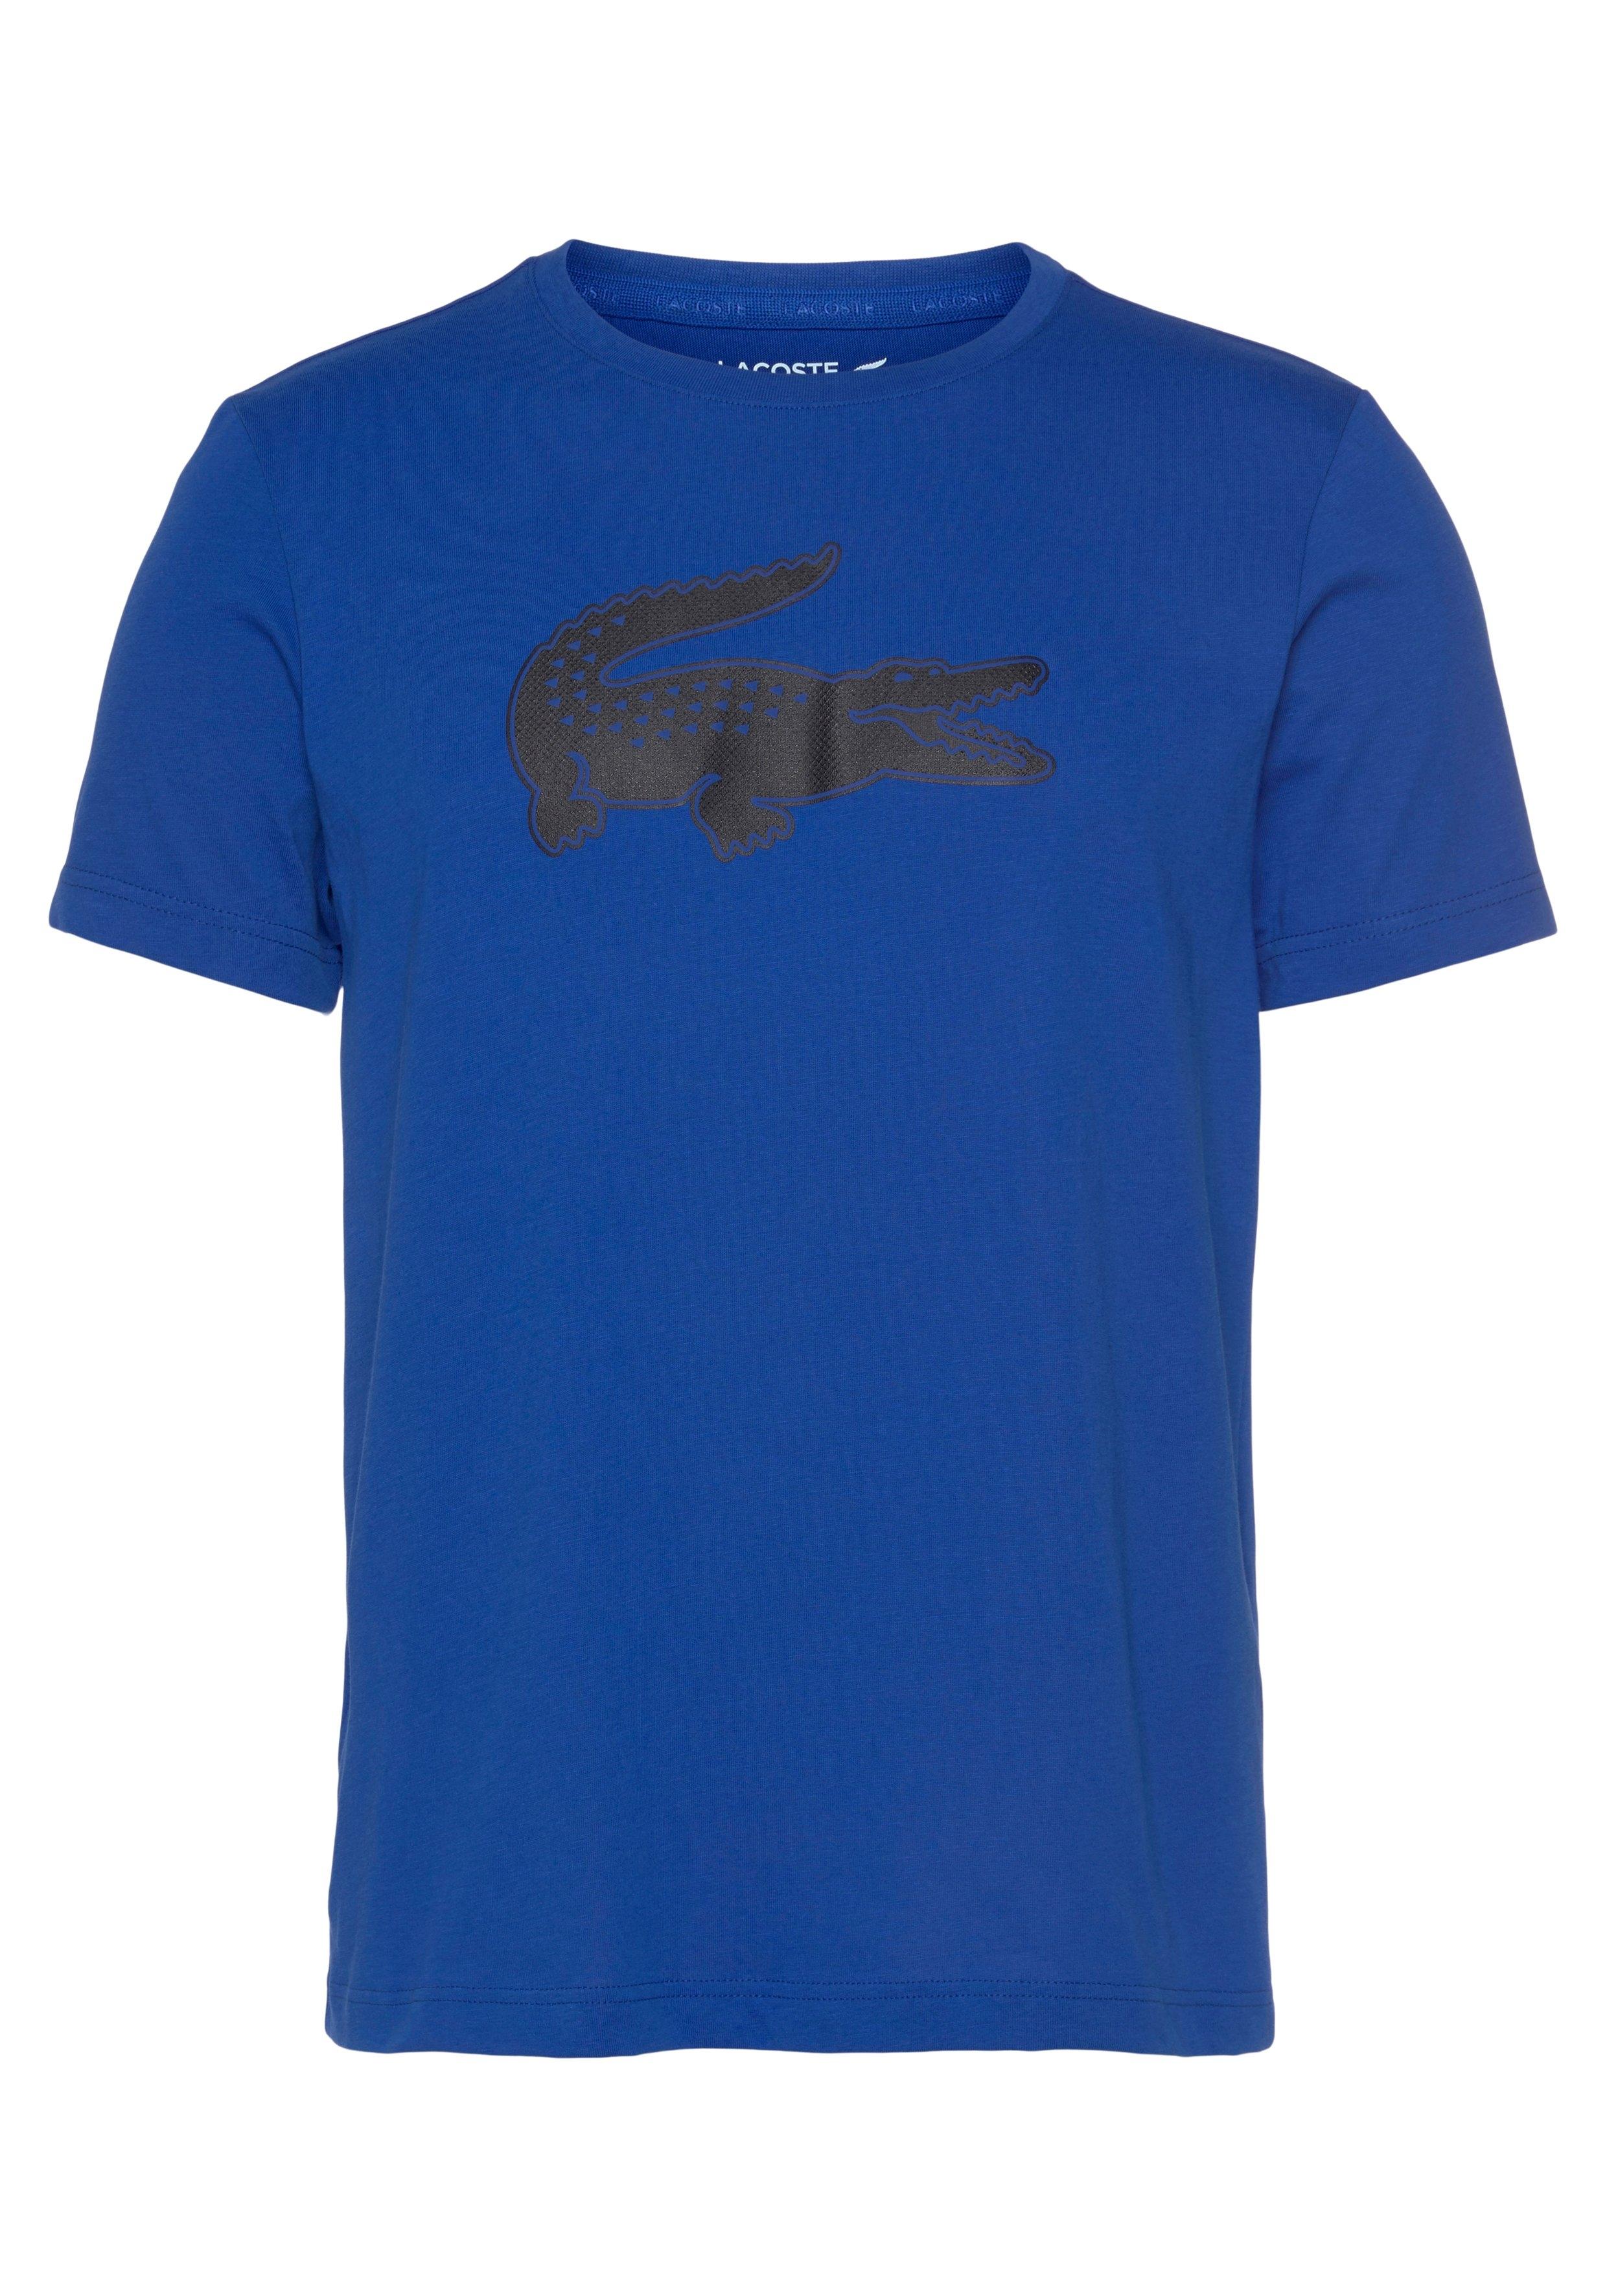 Lacoste T-shirt voordelig en veilig online kopen